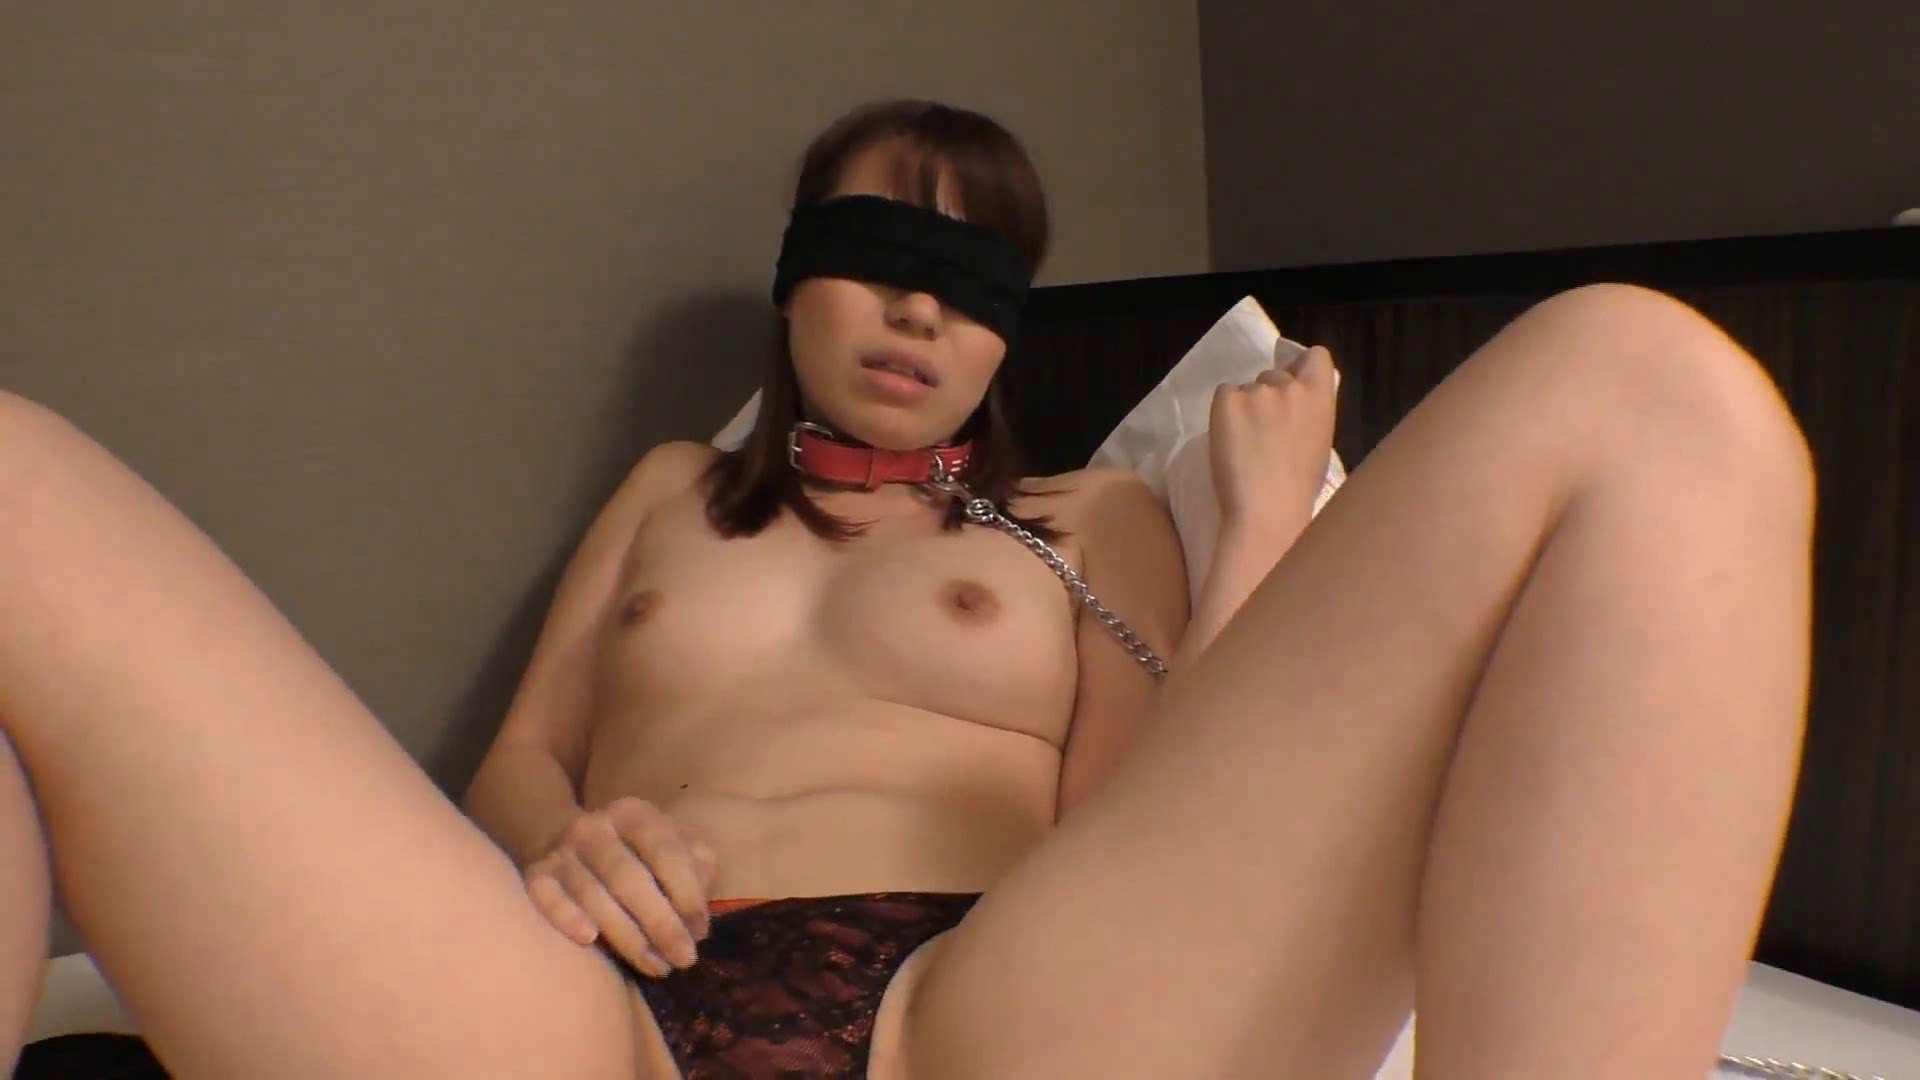 素人S級美女特選!小悪魔ギャル噂のビッチガールVol.09 美女 盗み撮り動画 76連発 11